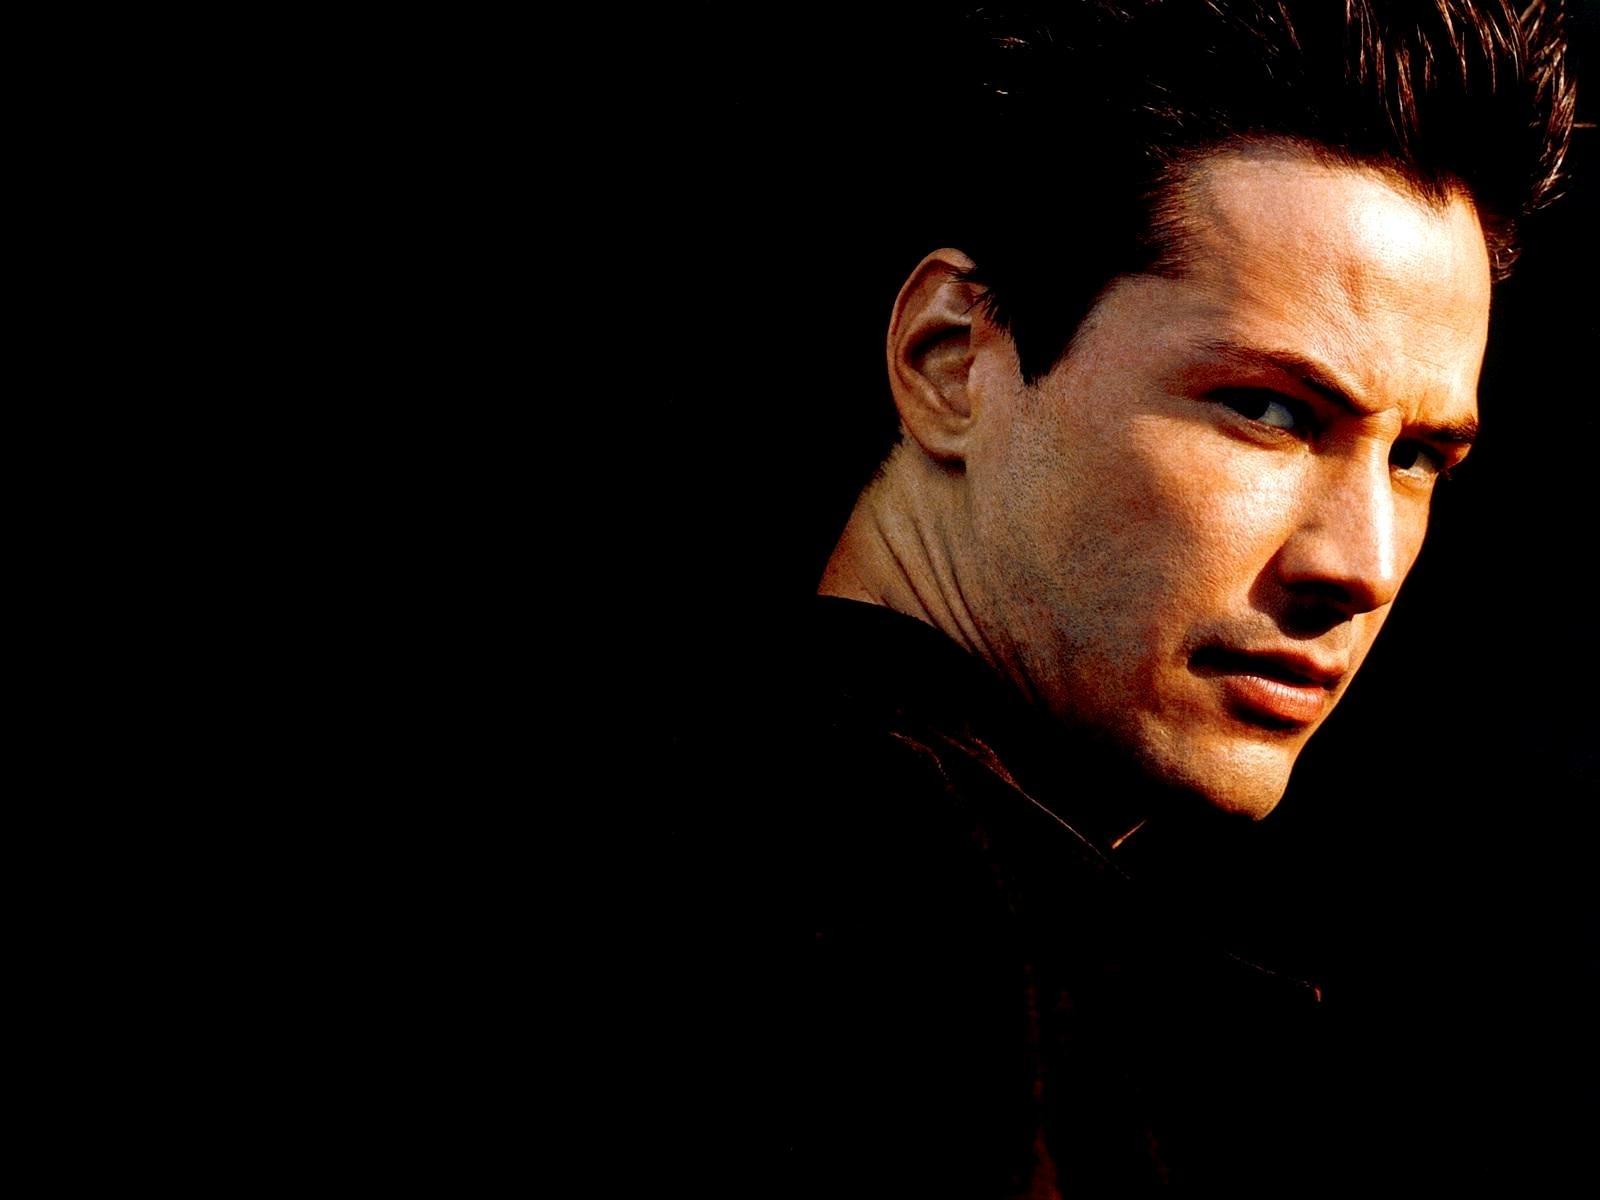 Keanu Reeves prononciation  k i ː ˈ ɑ ː n u ː ˈ ɹ i ː v z est un acteur canadien né le 2 septembre 1964 à Beyrouth 1 2 Après avoir été